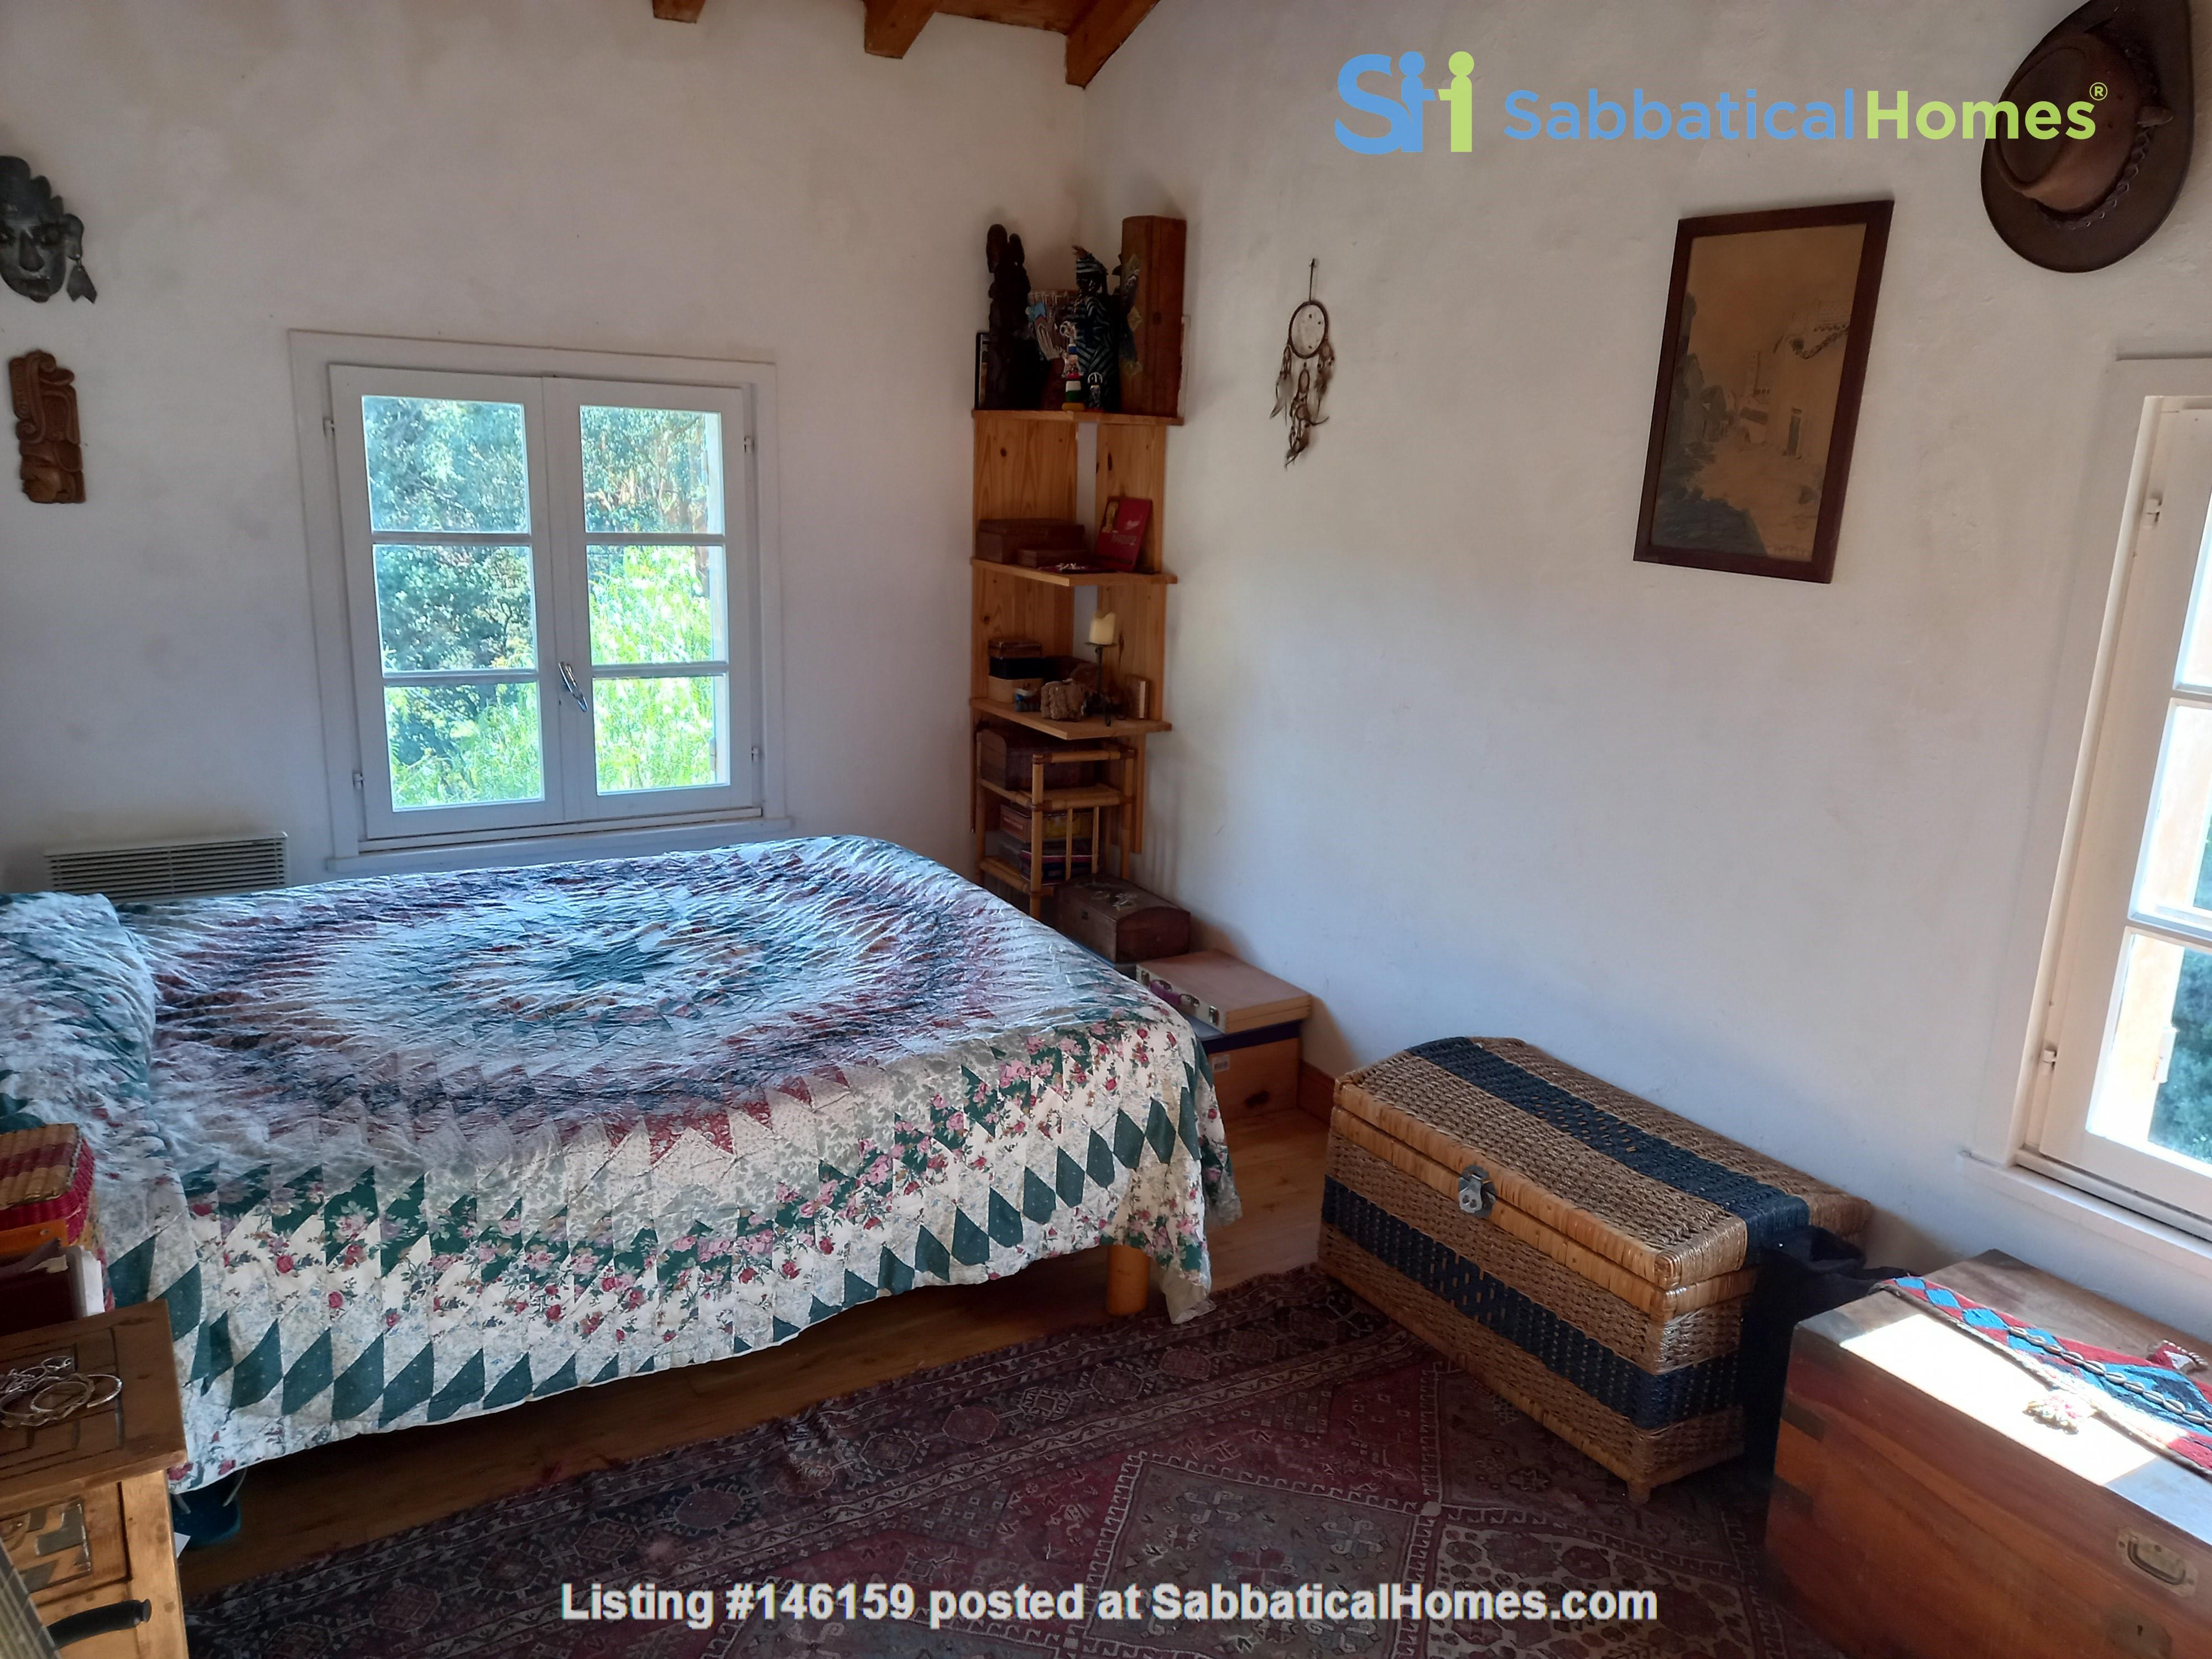 house for rent near Le Lavandou France for a 6 month term(negotiable) Home Rental in Le Lavandou 4